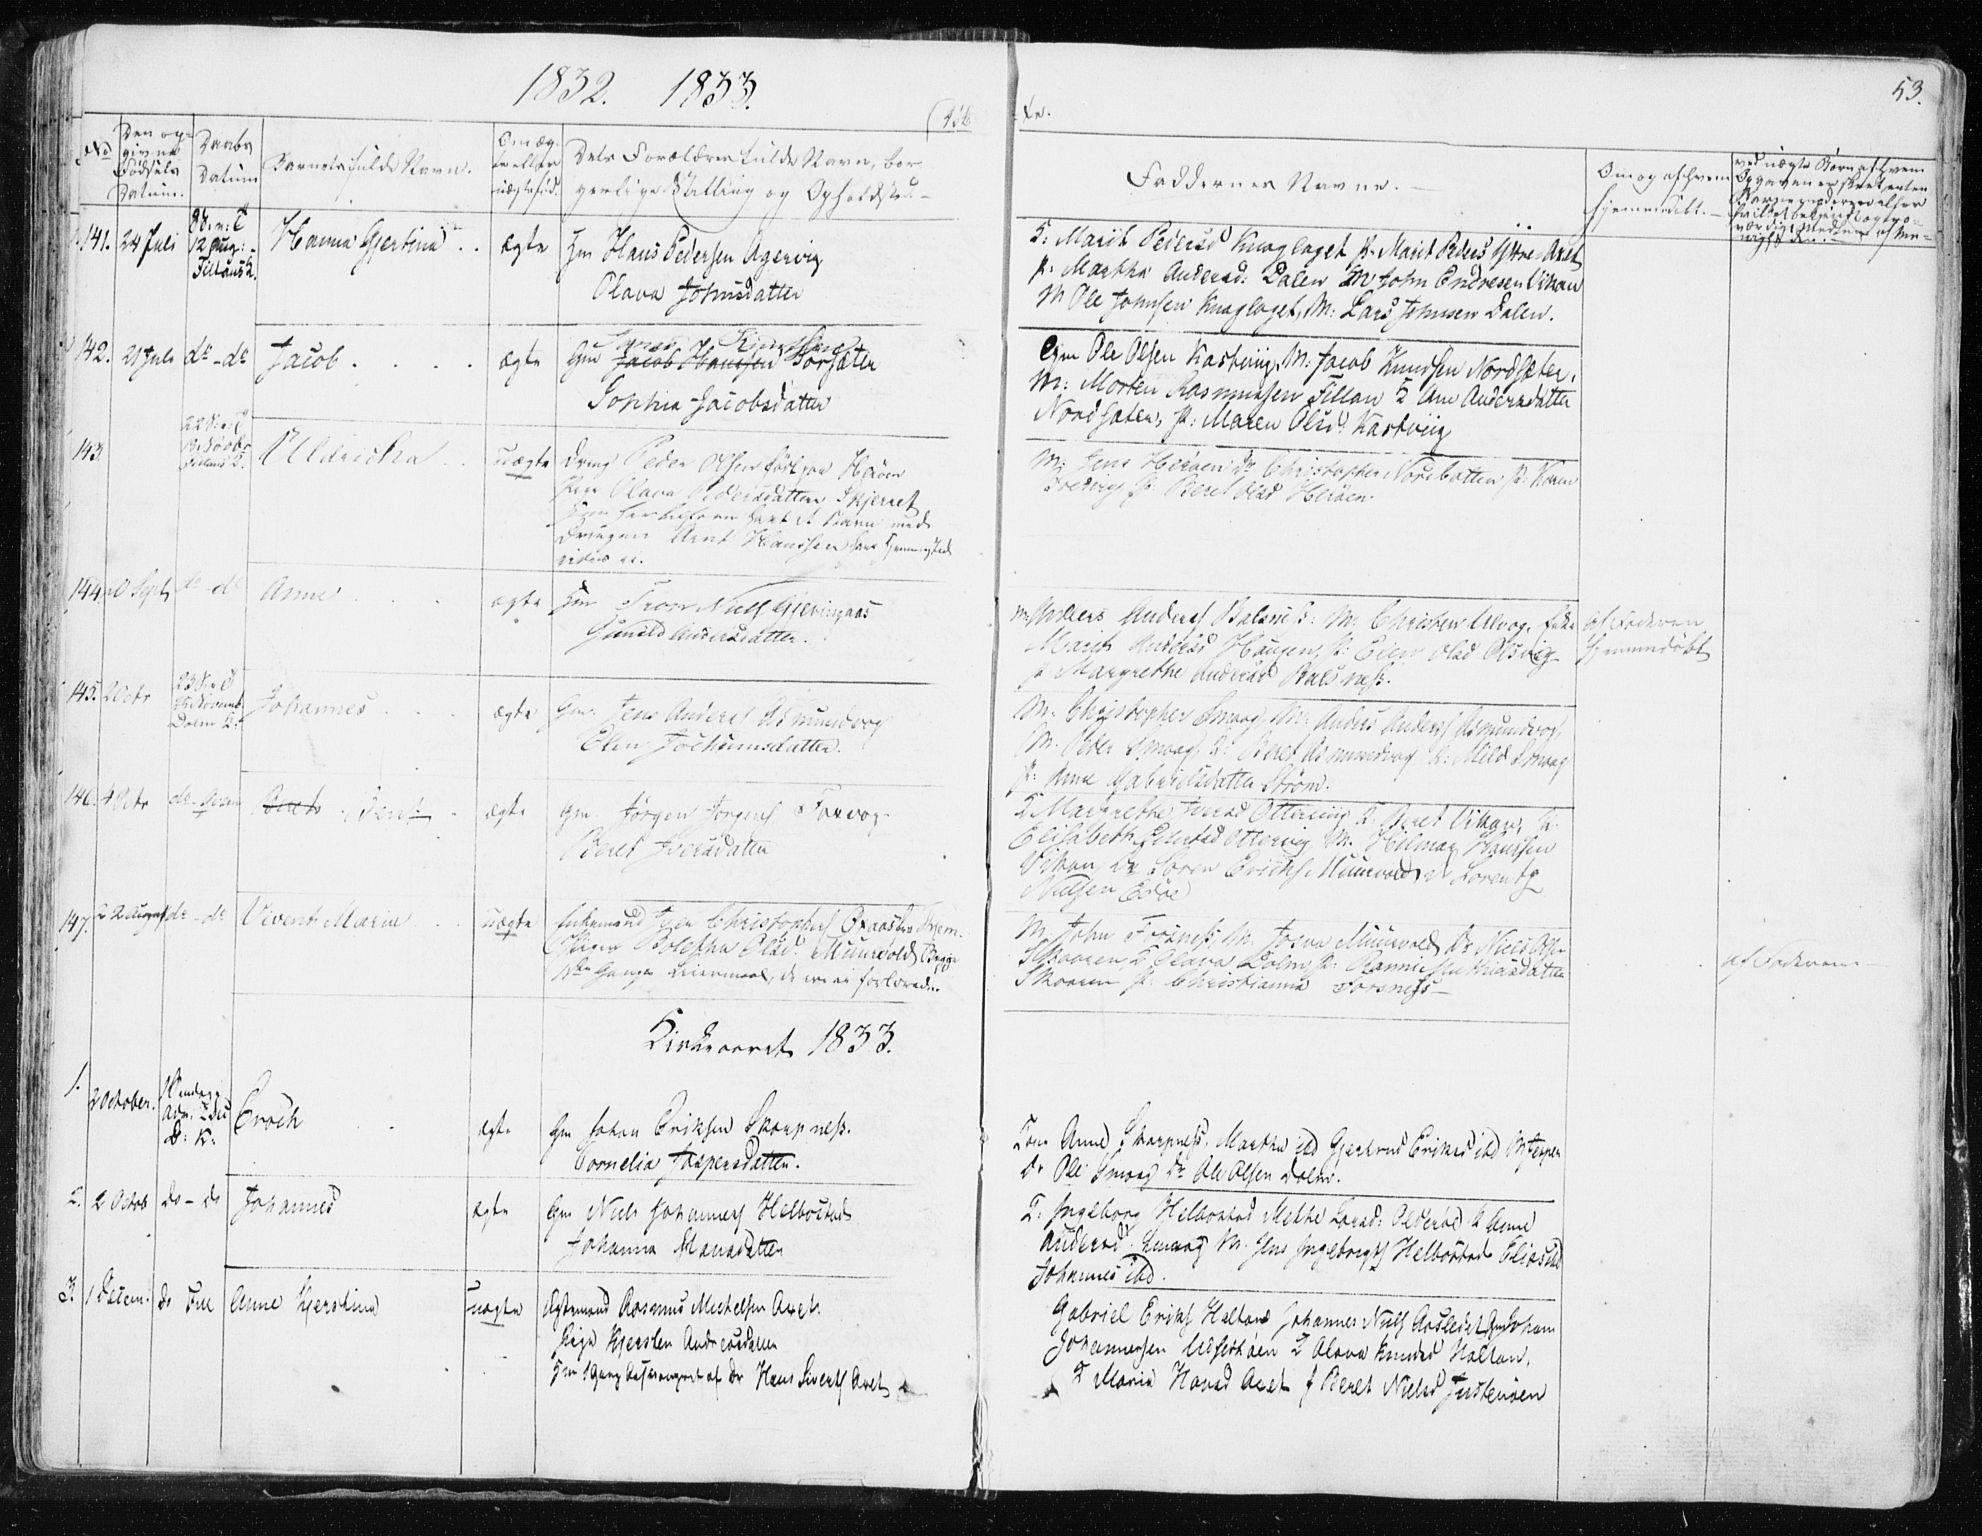 SAT, Ministerialprotokoller, klokkerbøker og fødselsregistre - Sør-Trøndelag, 634/L0528: Ministerialbok nr. 634A04, 1827-1842, s. 53